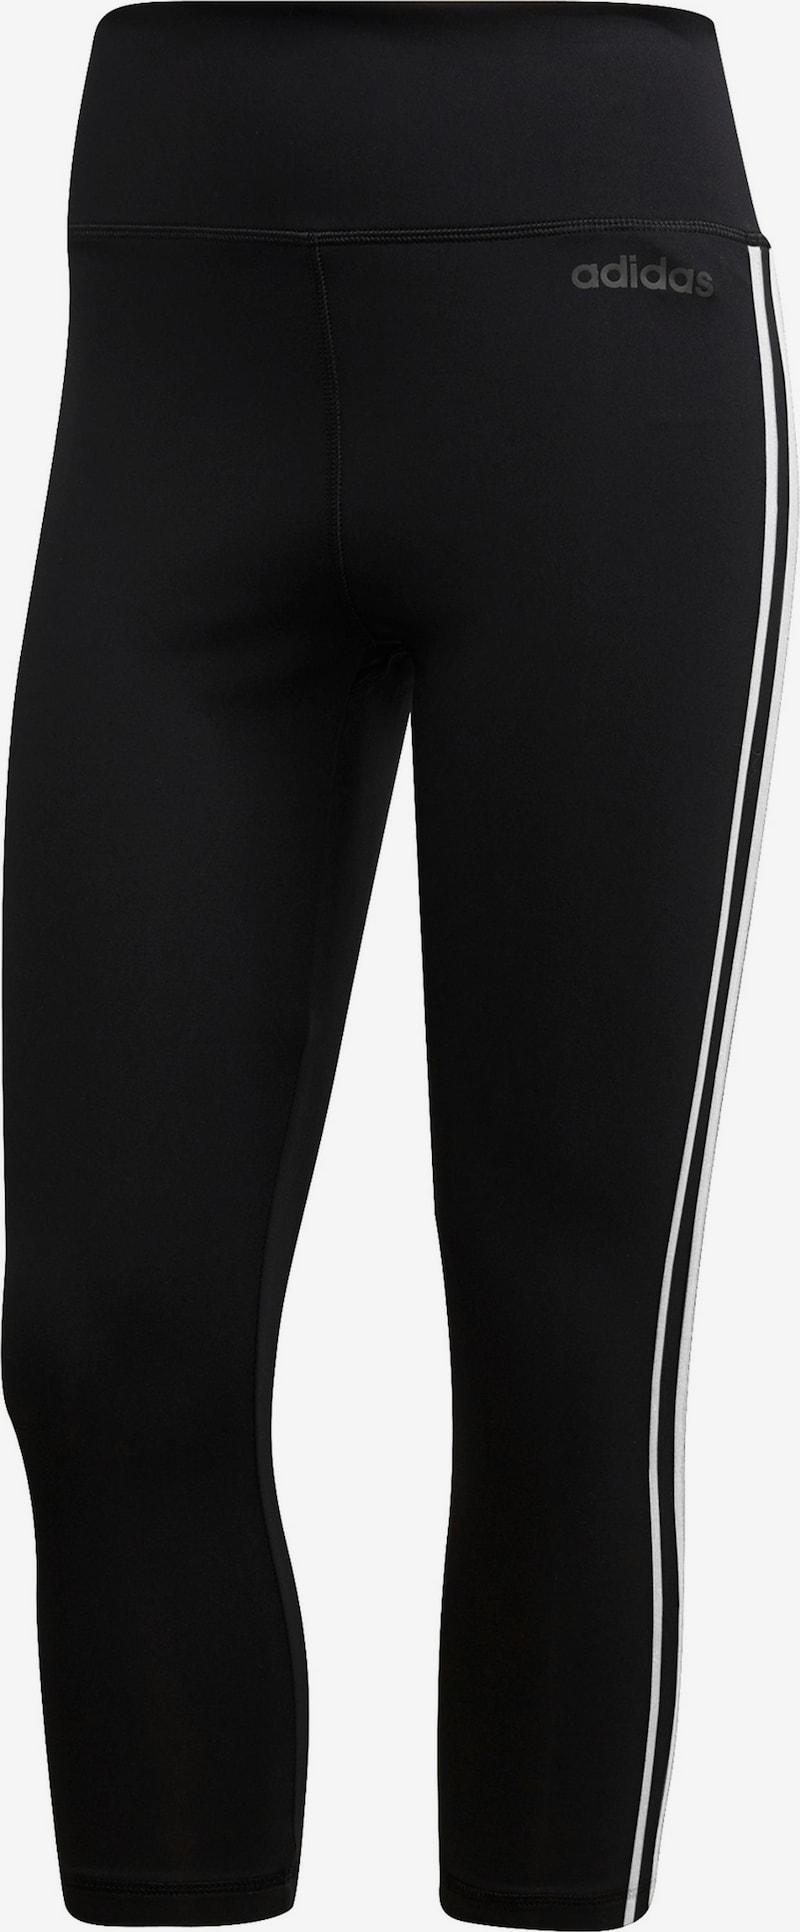 ADIDAS PERFORMANCE Sportbroeken voor dames online shoppen